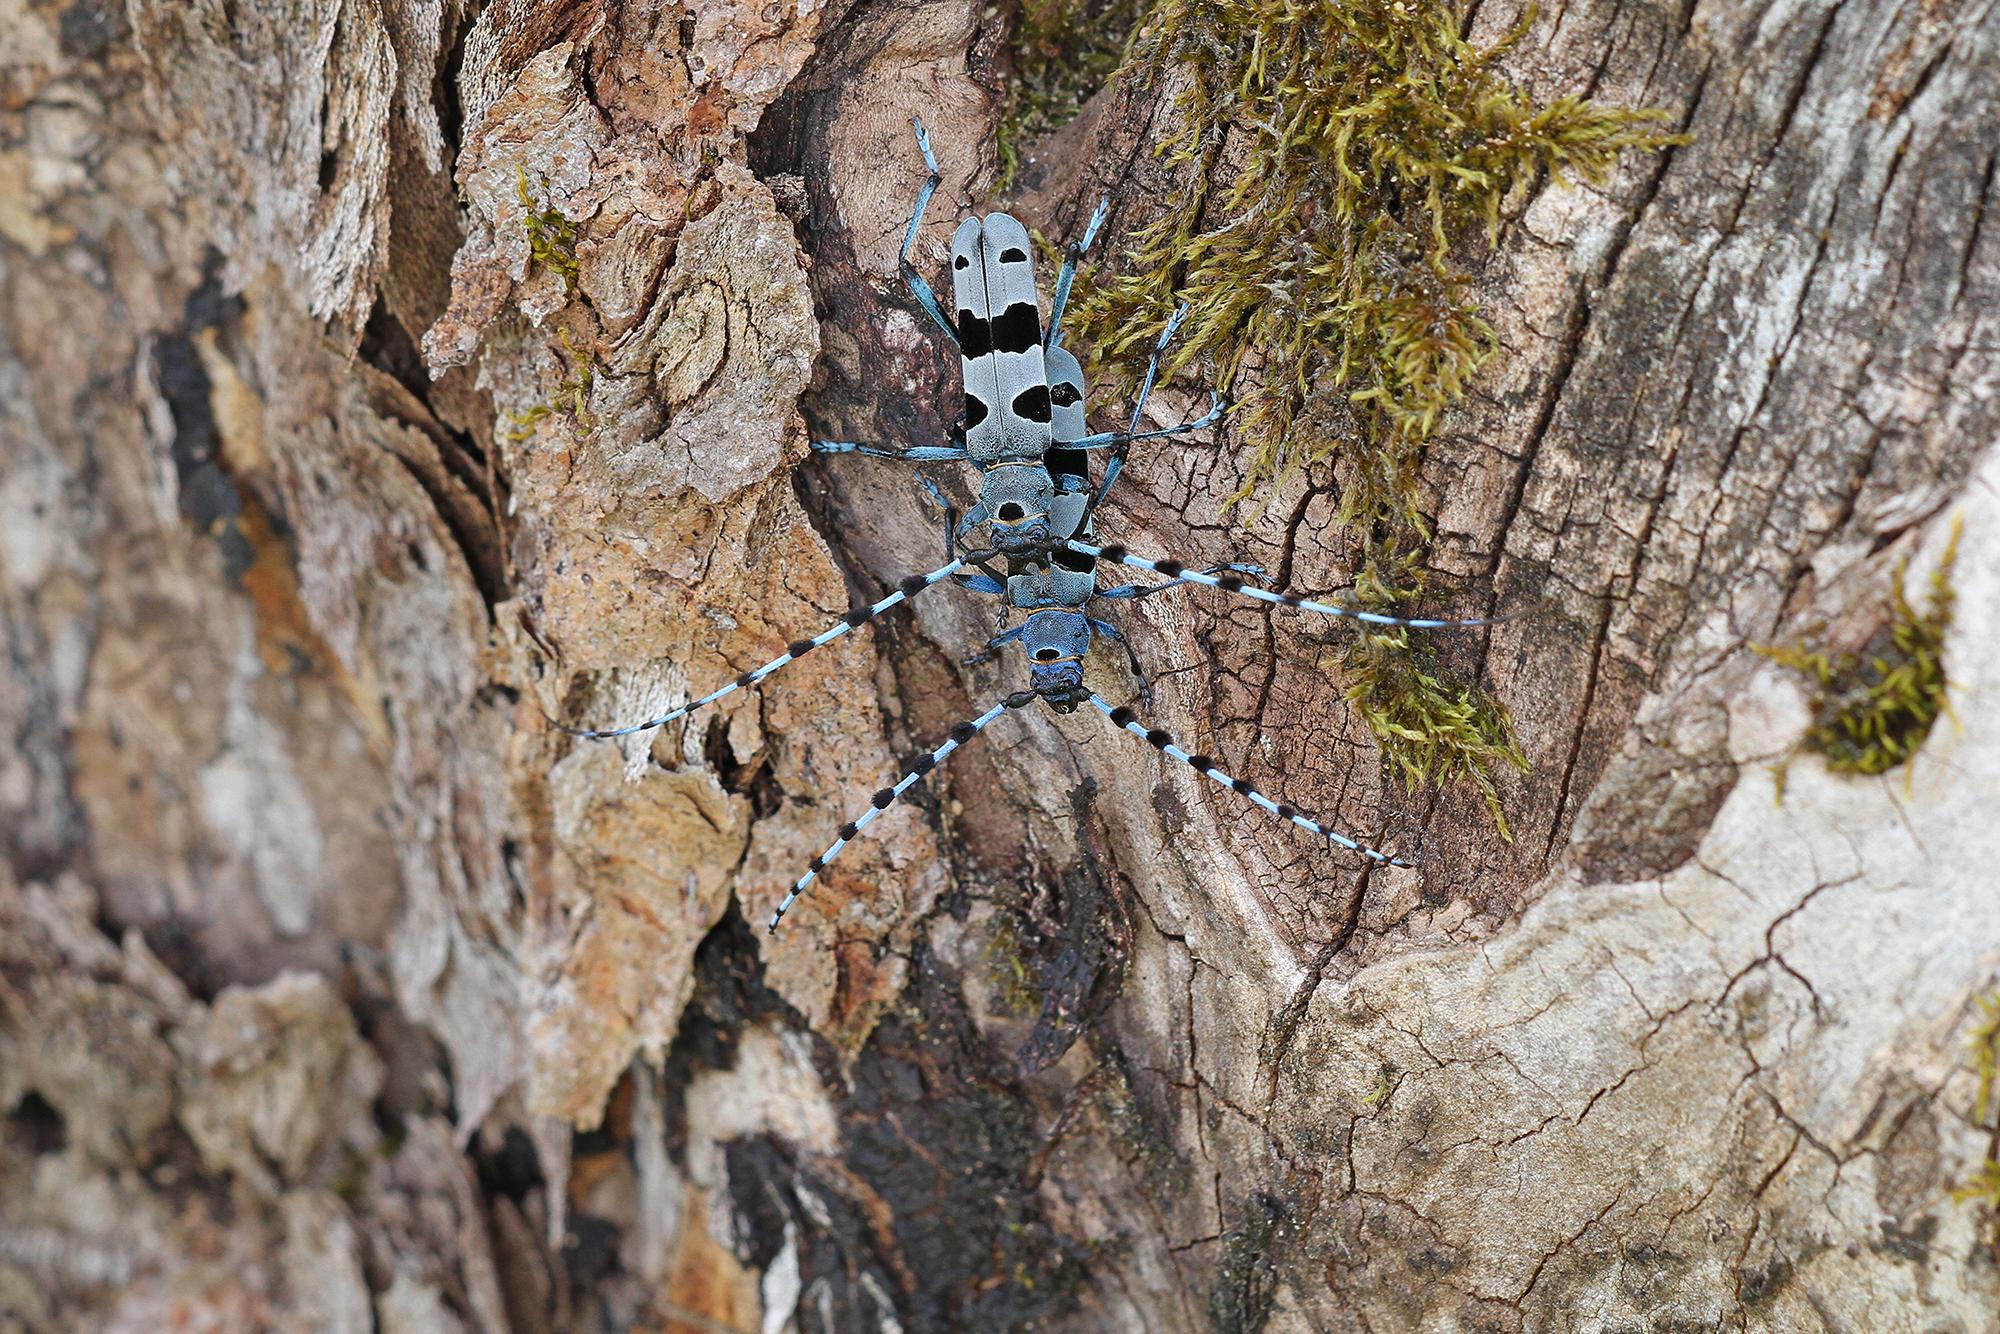 Foto: Der Alpenbock (Rosalia alpina) gehört zu den Bockkäfern. Seine Larven ernähren sich von abgestorbenem Holz | © Christoph Moning